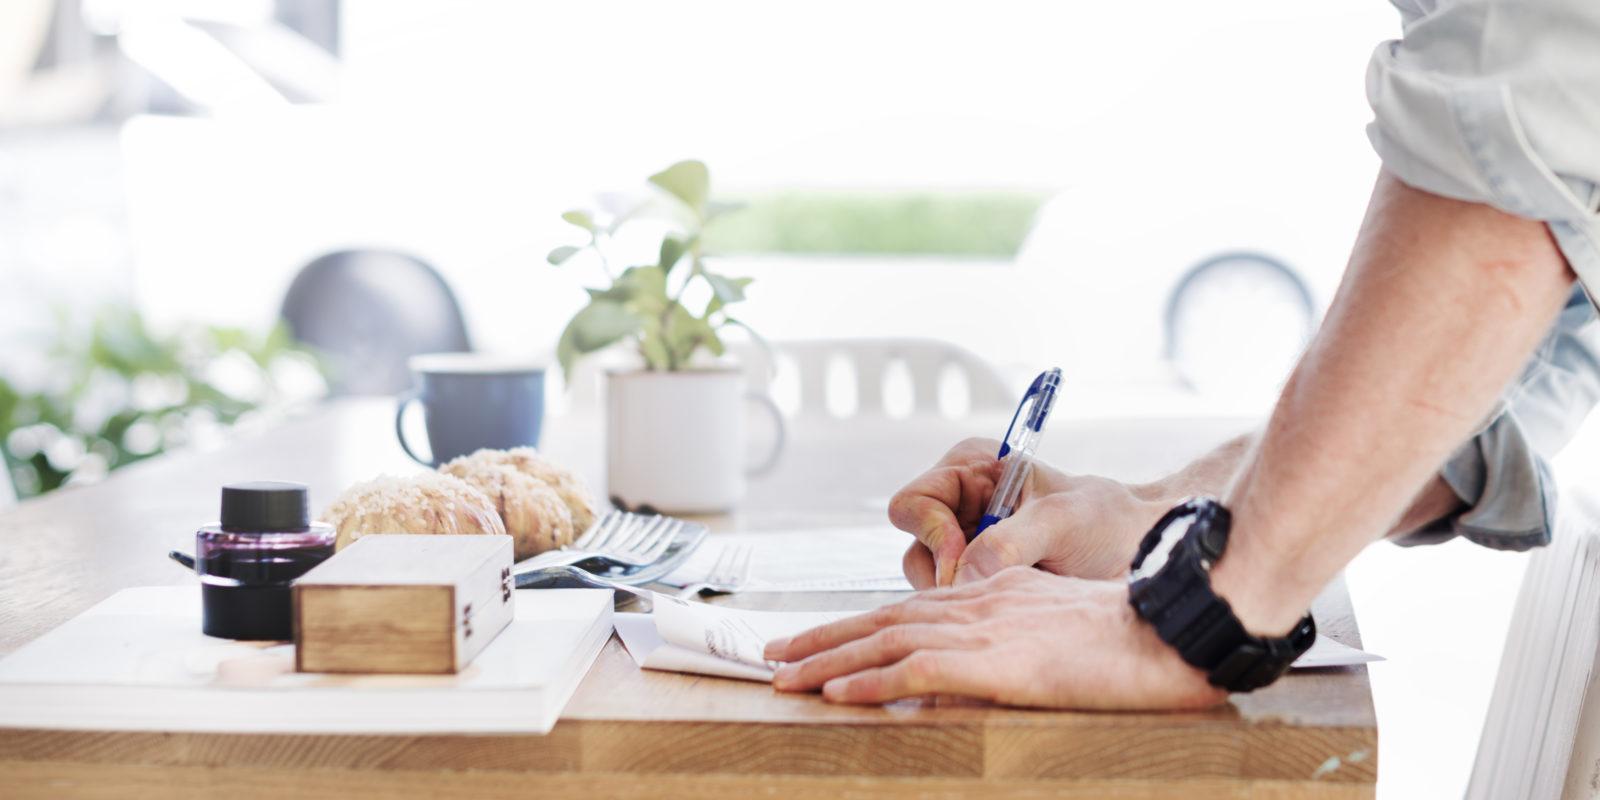 Podpisywanie umowy pożyczki.